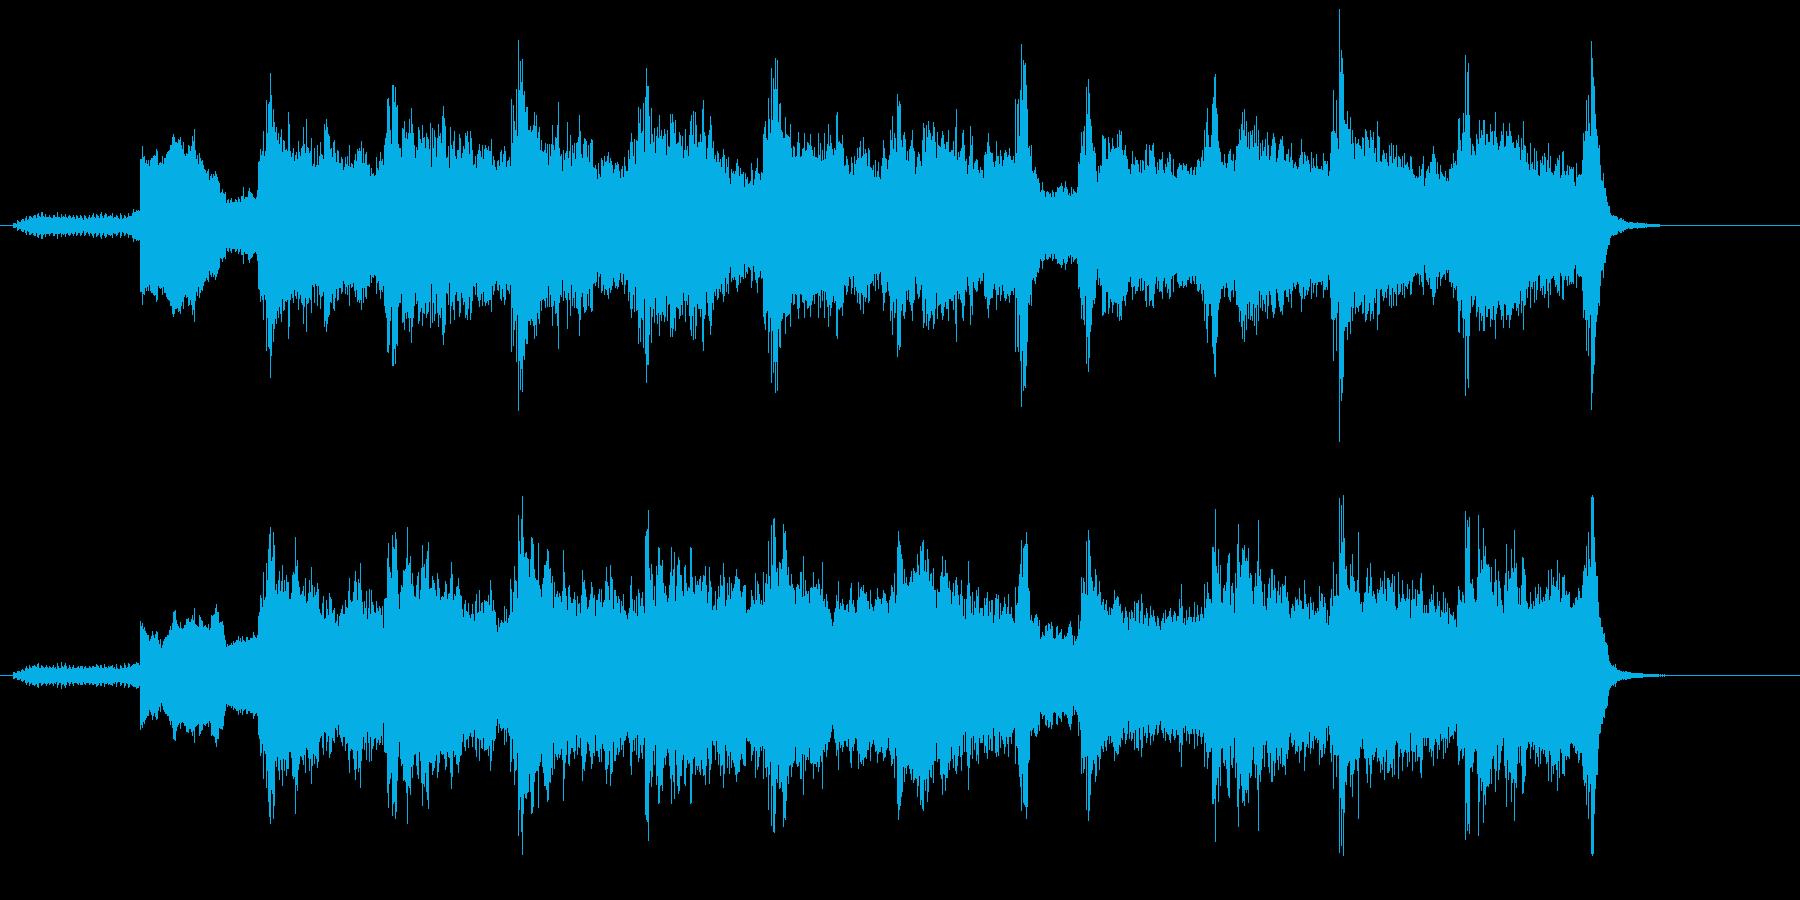 緊張感を意図的に表した環境音楽風の再生済みの波形